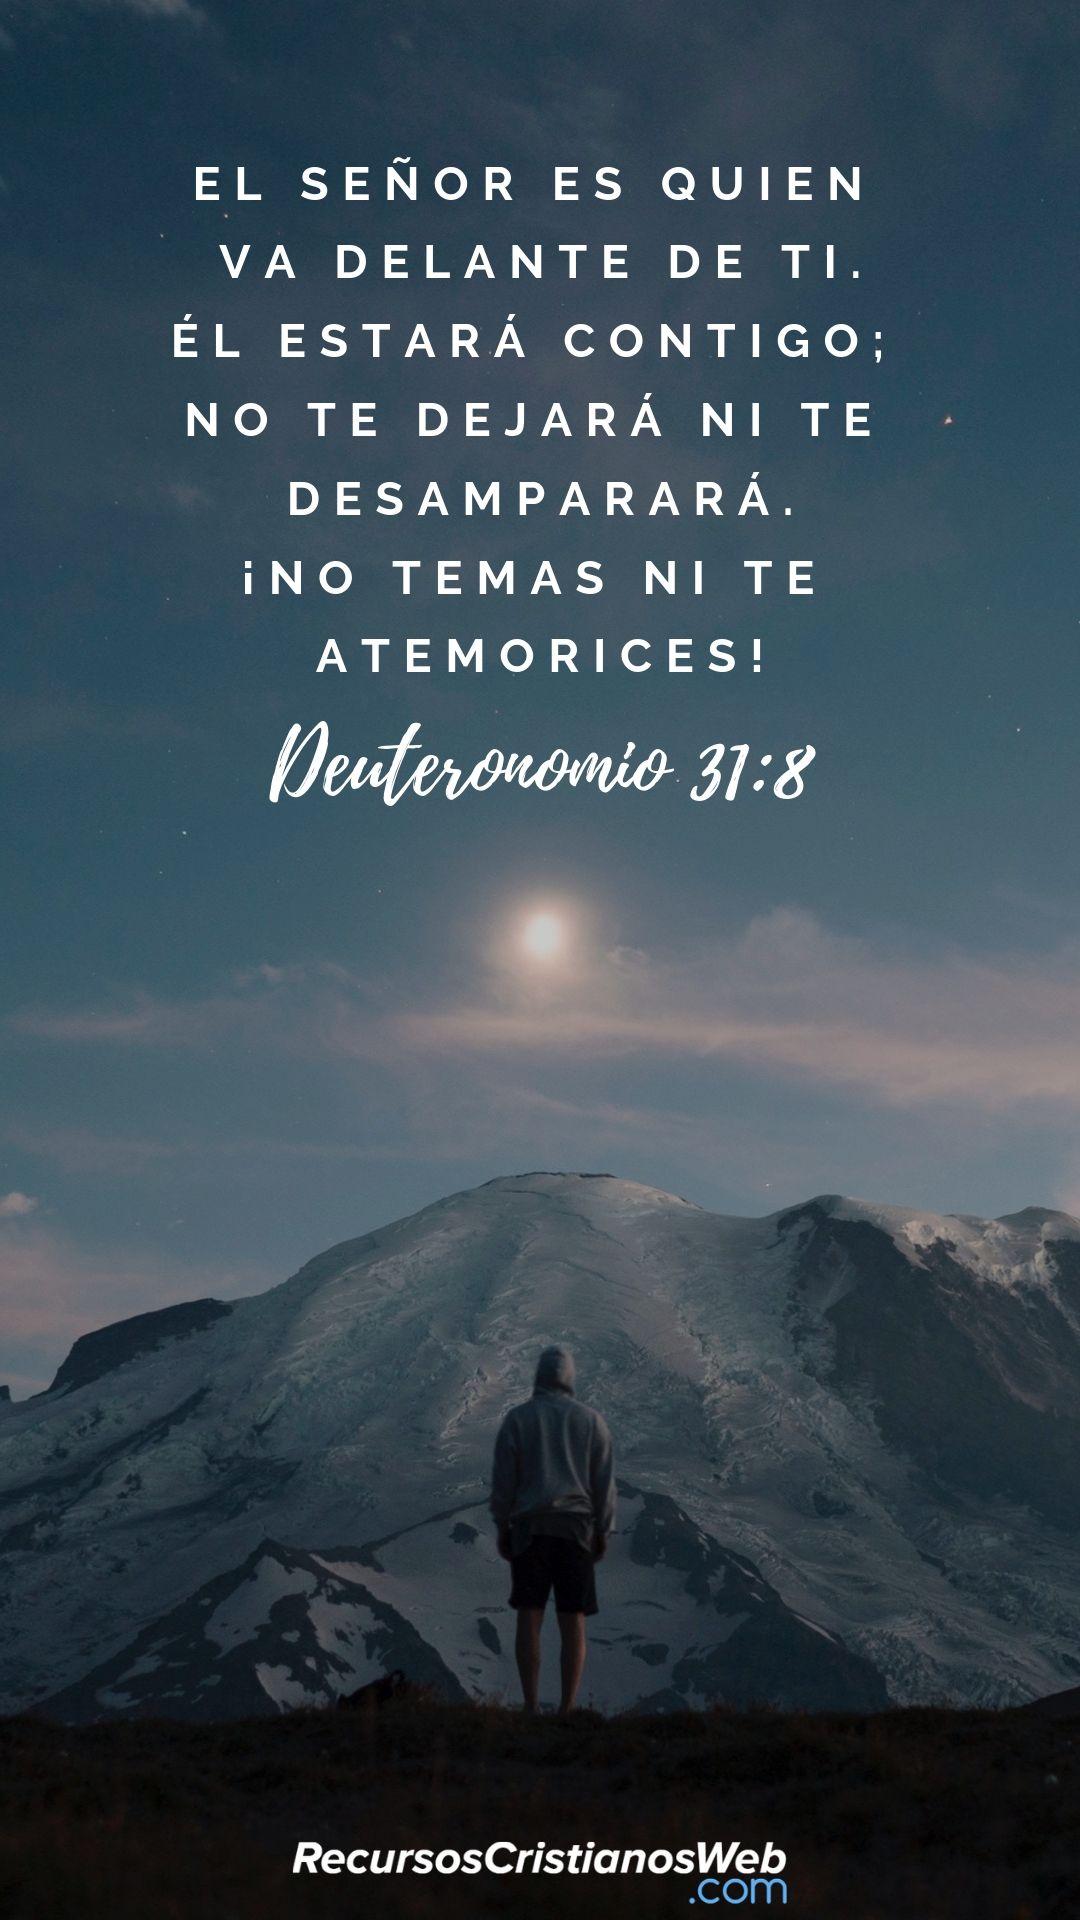 Versiculos De La Biblia De Animo: Y Jehová Va Delante De Ti; él Estará Contigo, No Te Dejará